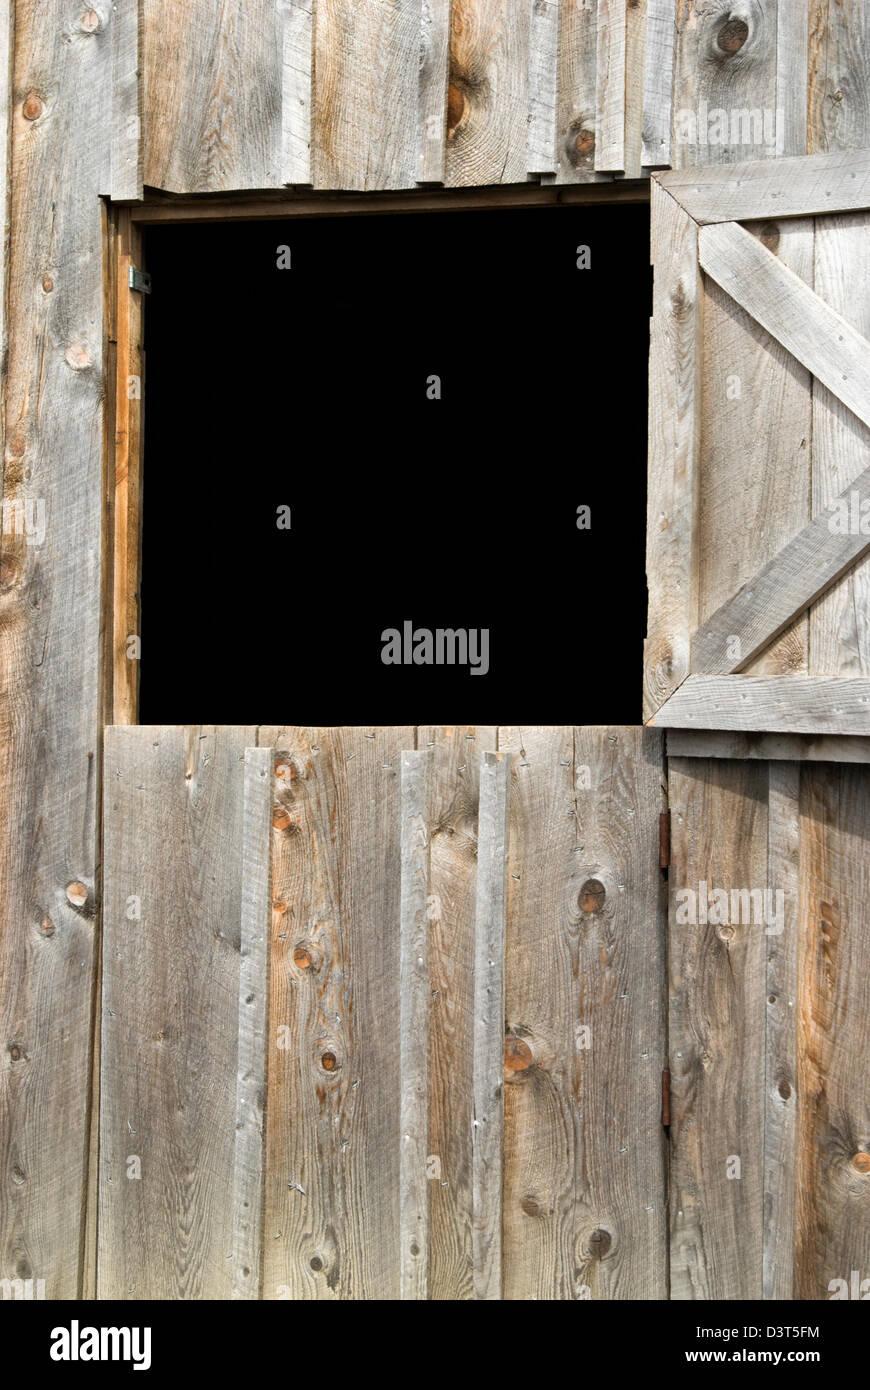 Barn Doors Door Open Stockfotos Barn Doors Door Open Bilder Alamy